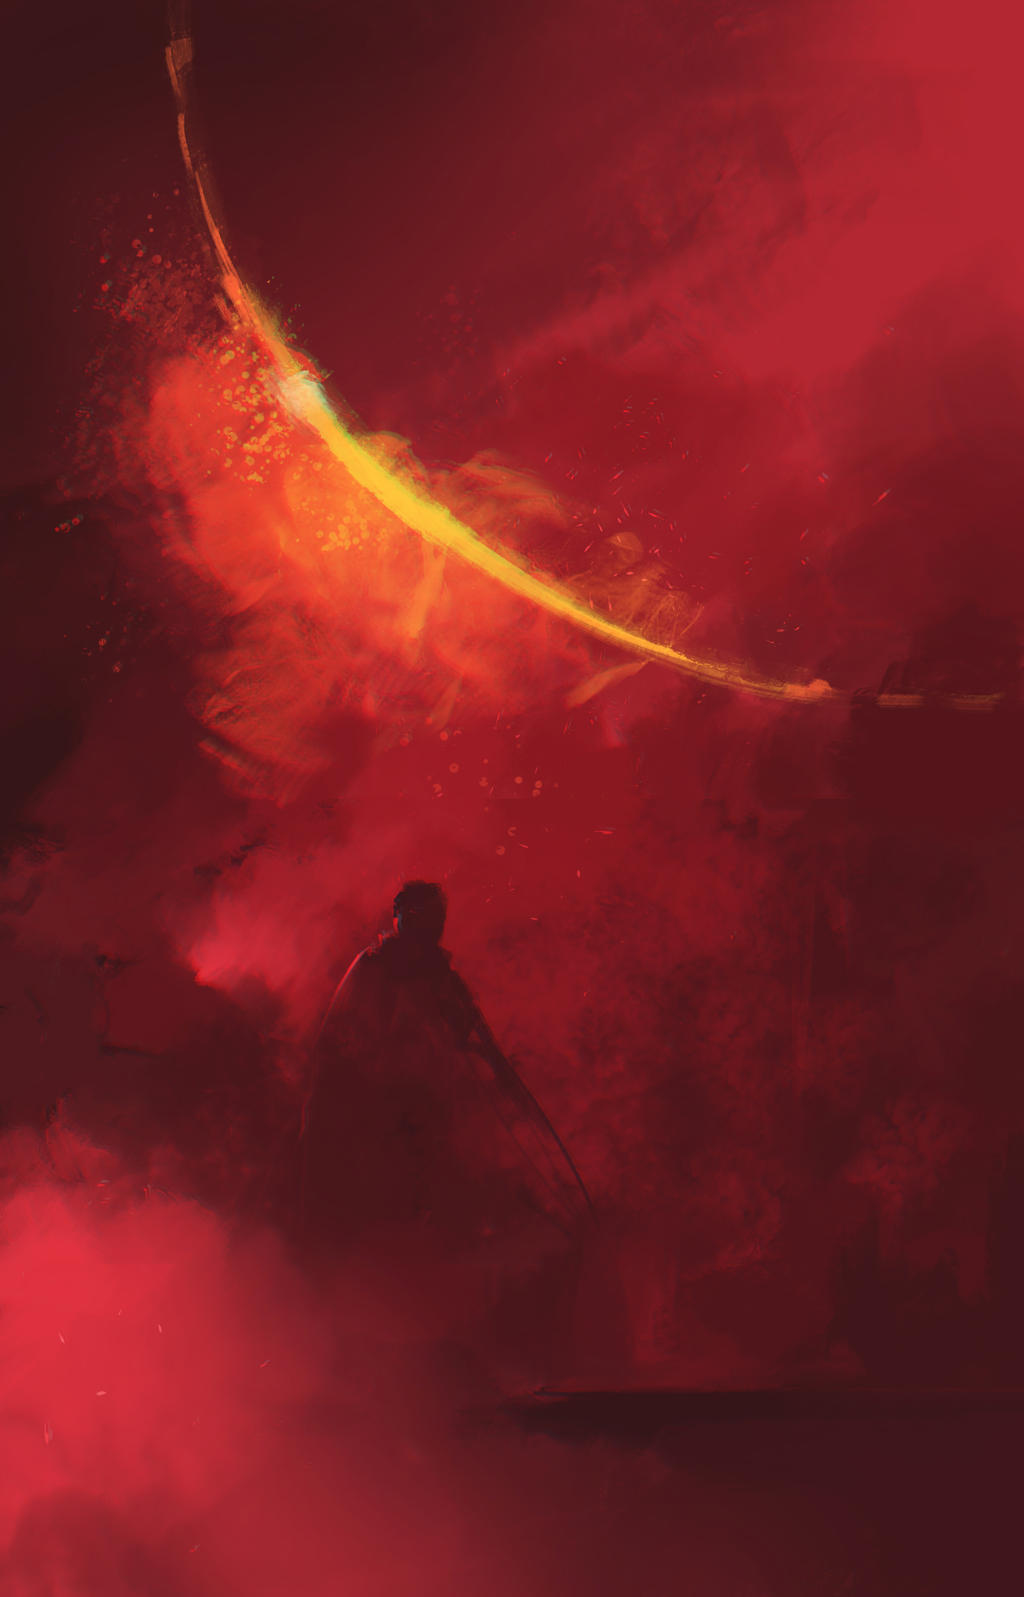 Red Planet sketch by Ninja-Jo-Art